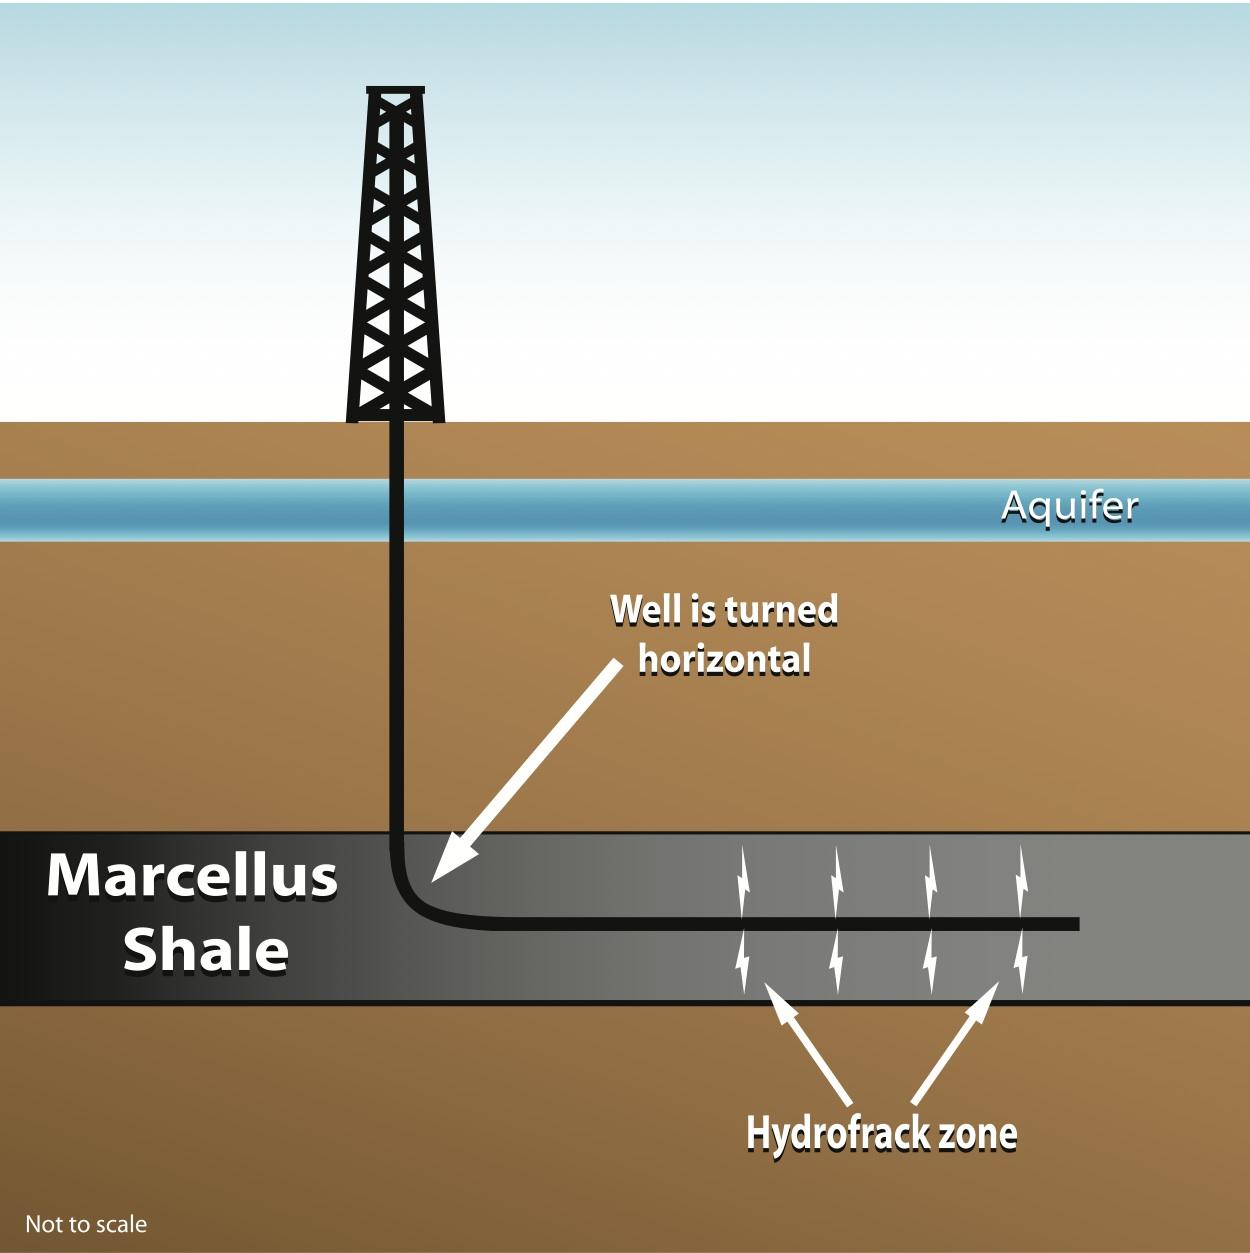 fracking: technology in the pipe | bridgebizstem